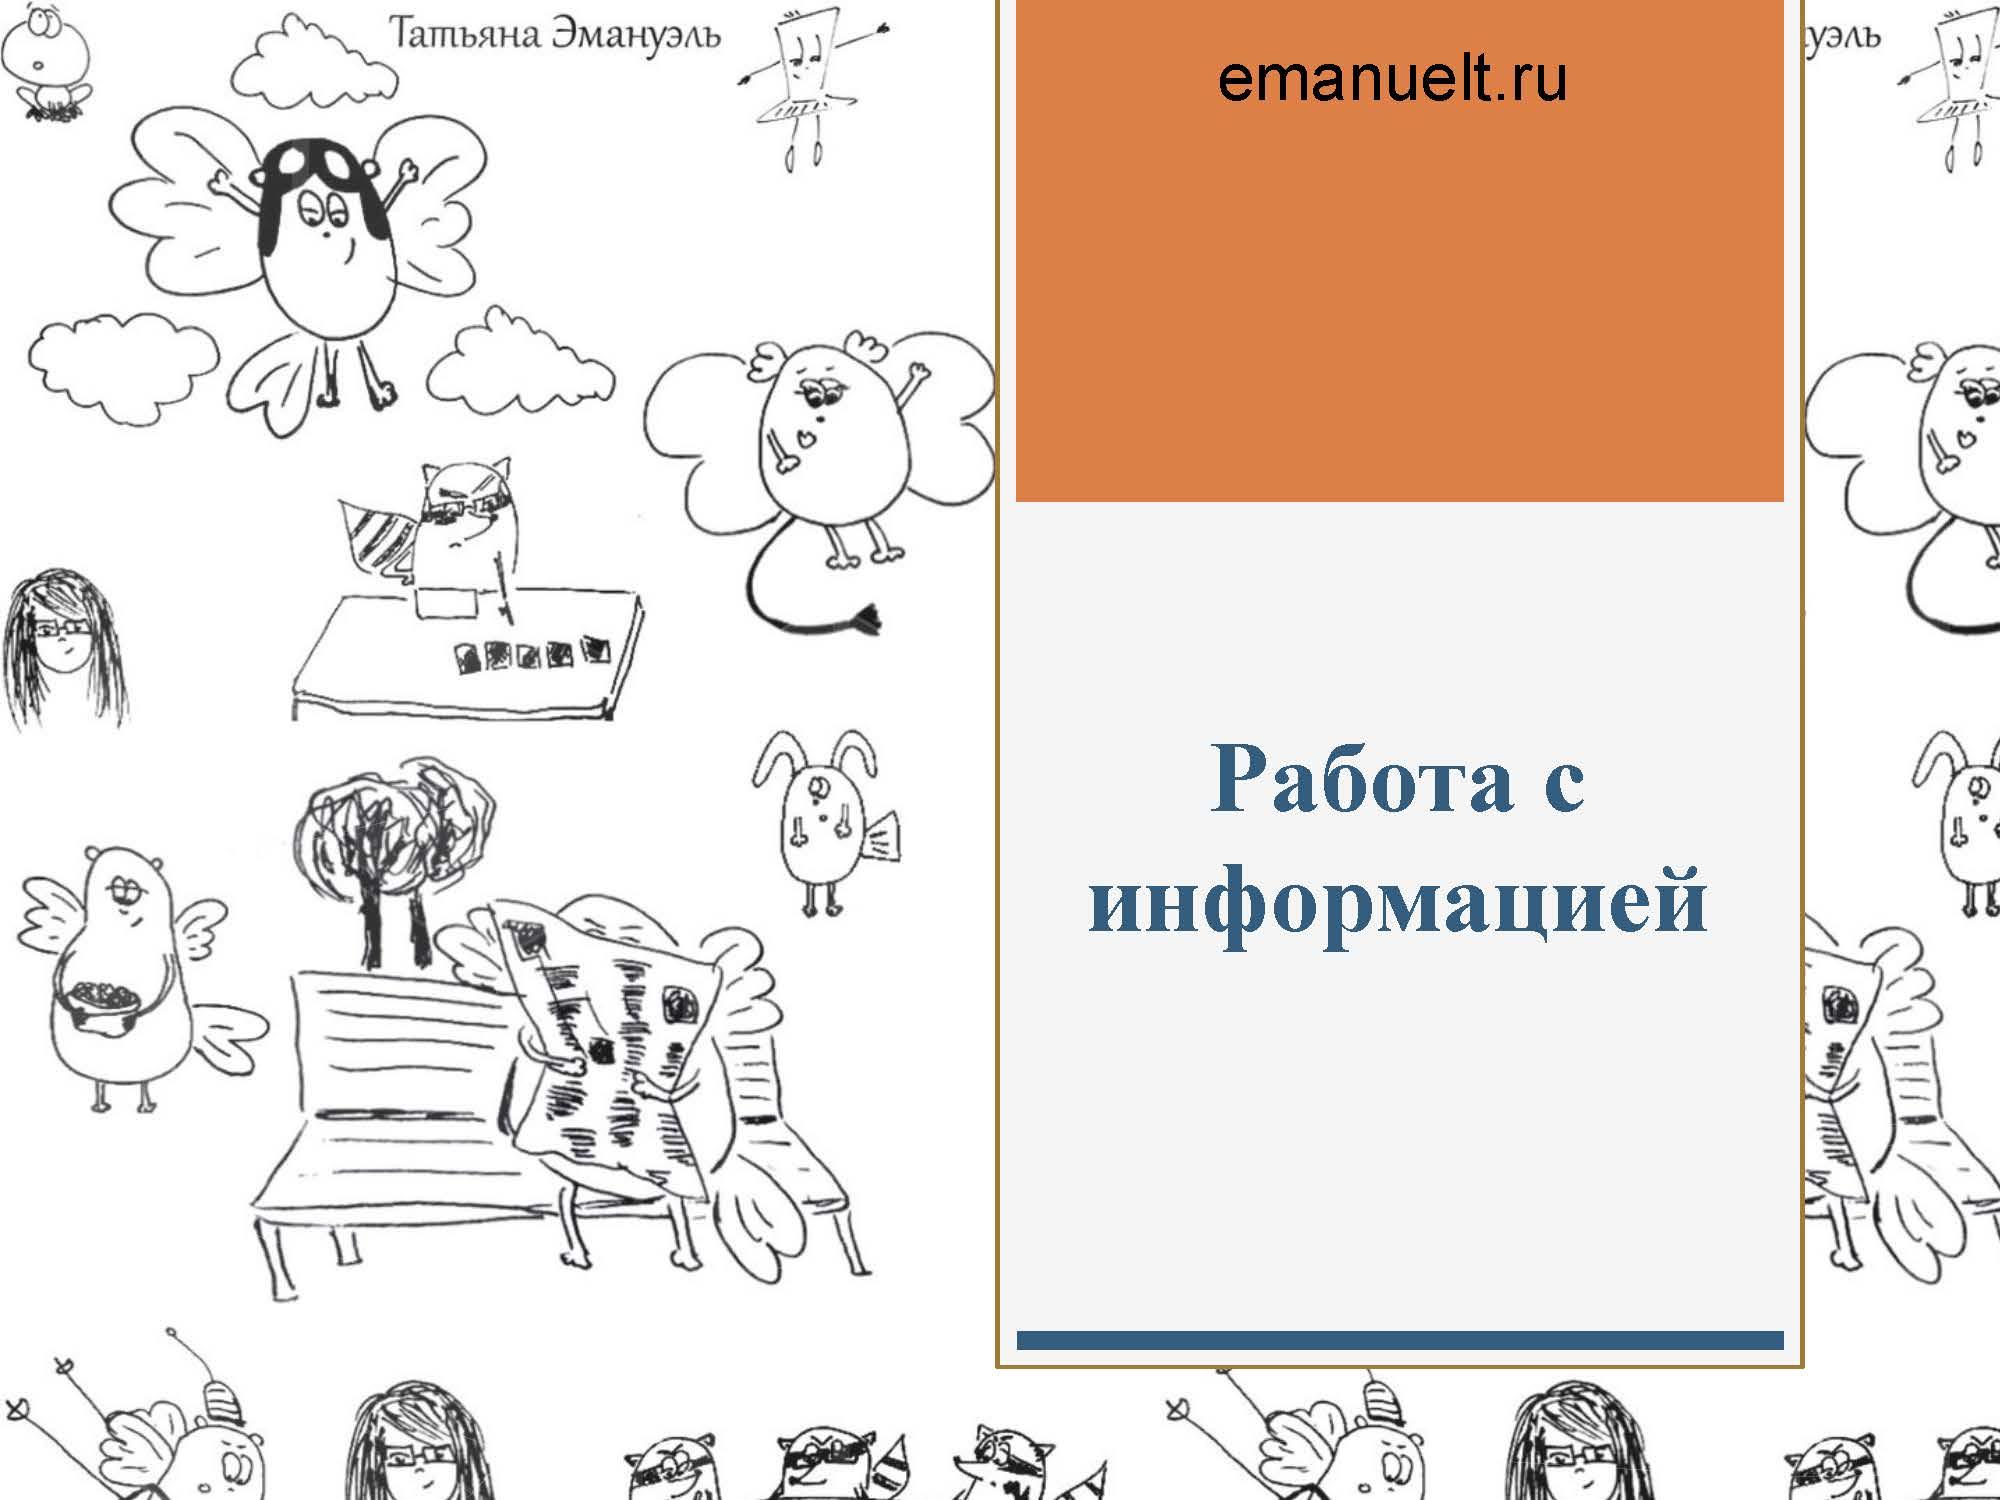 инфо_Страница_001